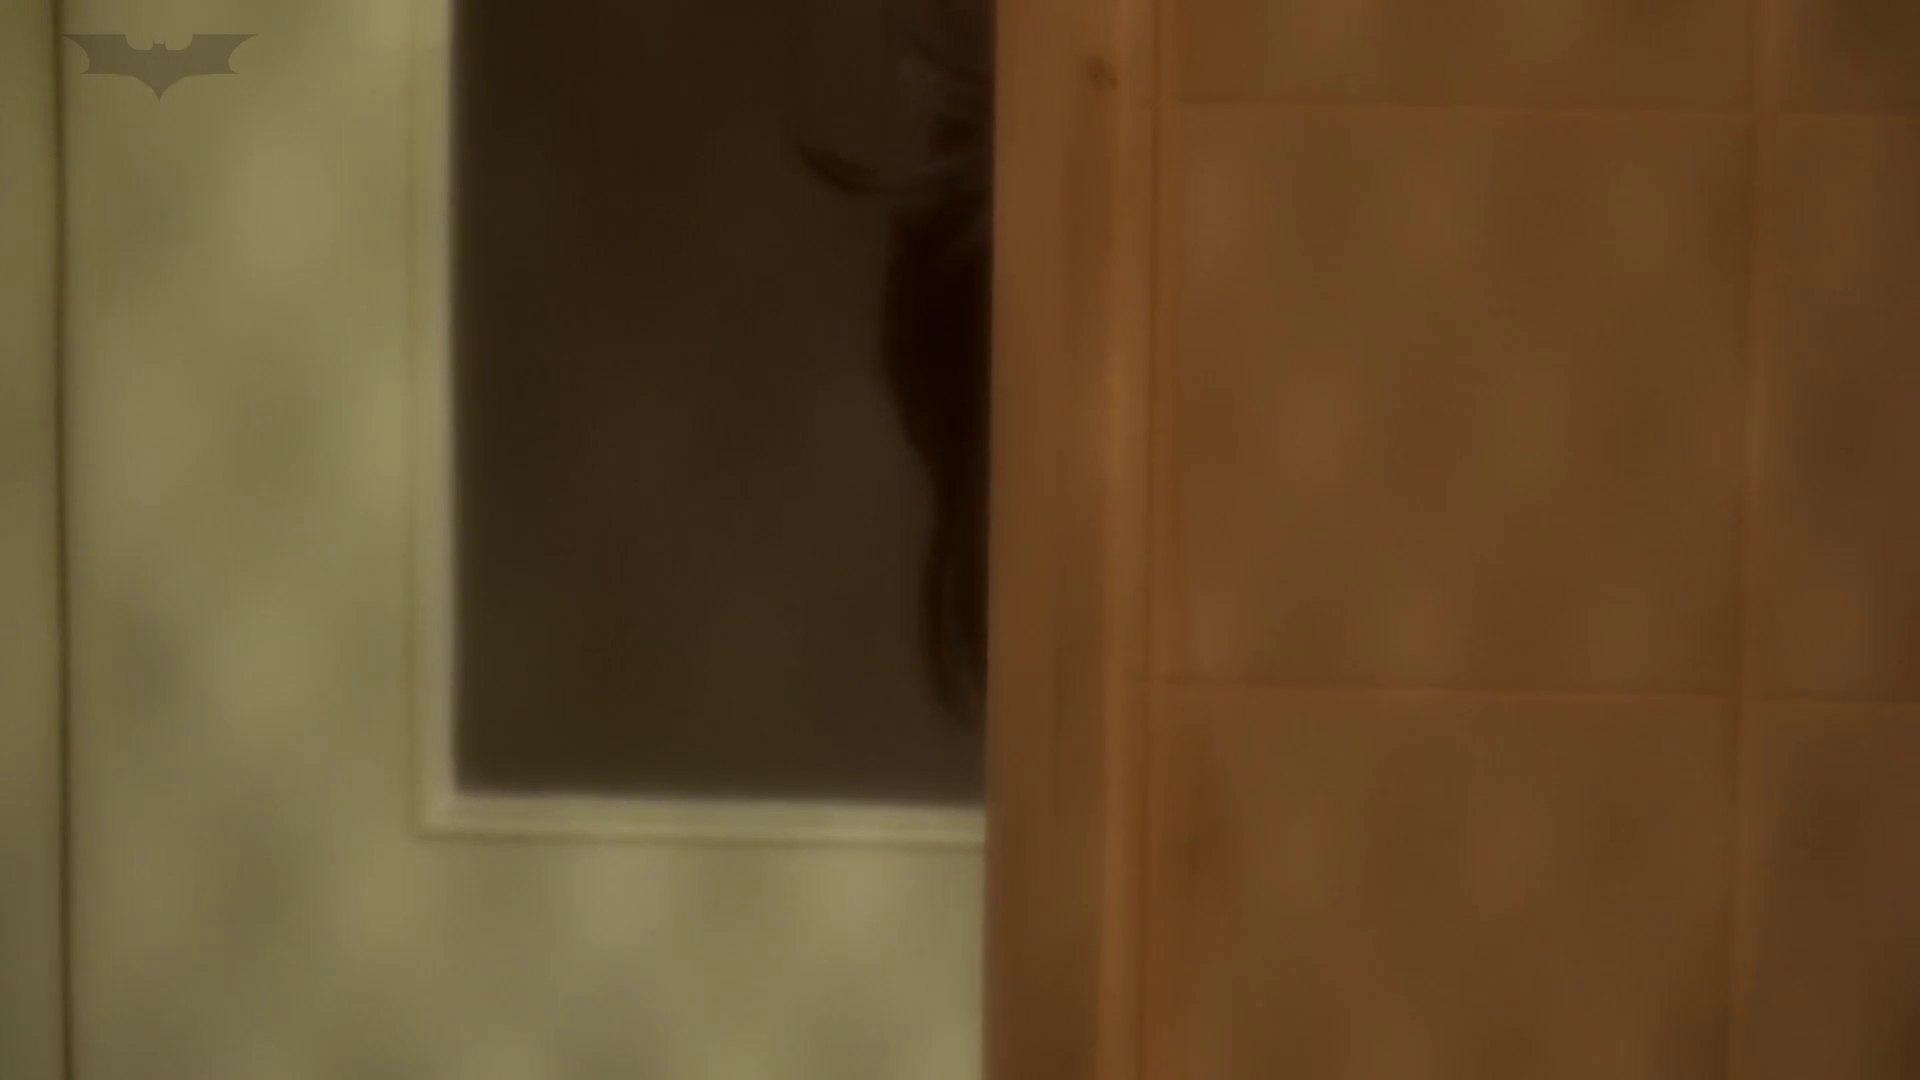 *華の女子寮ノゾキ* vol.04 陸上系?就活中のお女市さんJD シャワー室 オマンコ動画キャプチャ 89枚 16